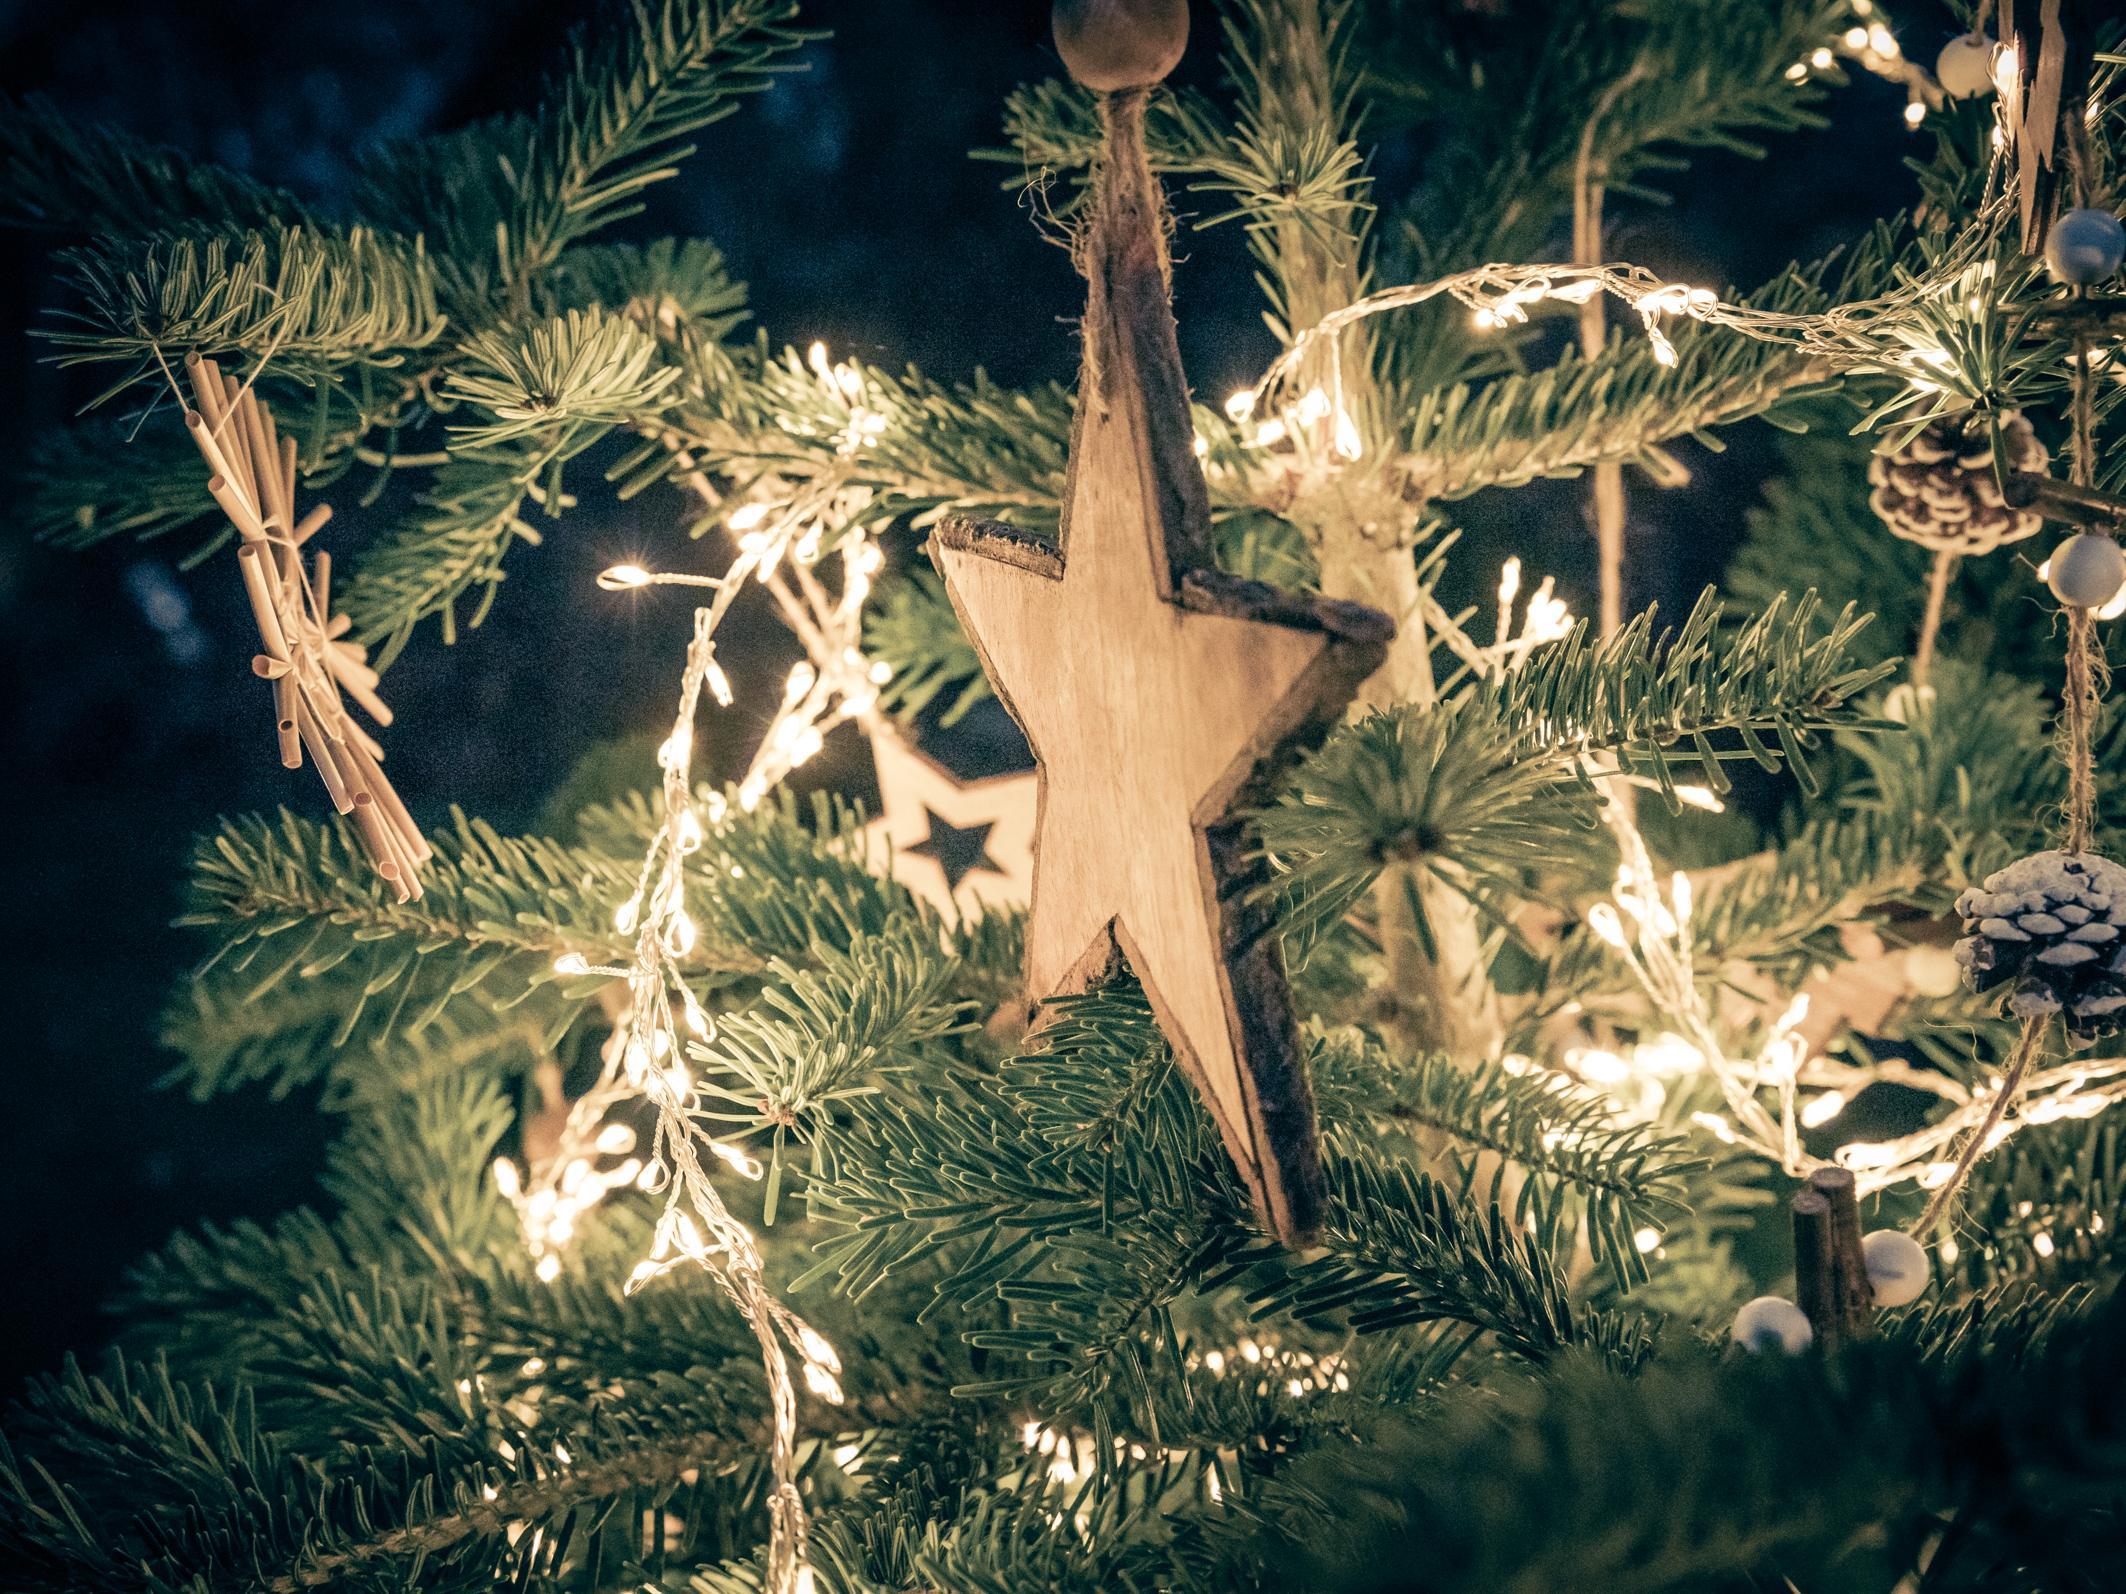 Fotoshooting Weihnachten 2020 Pegnitz